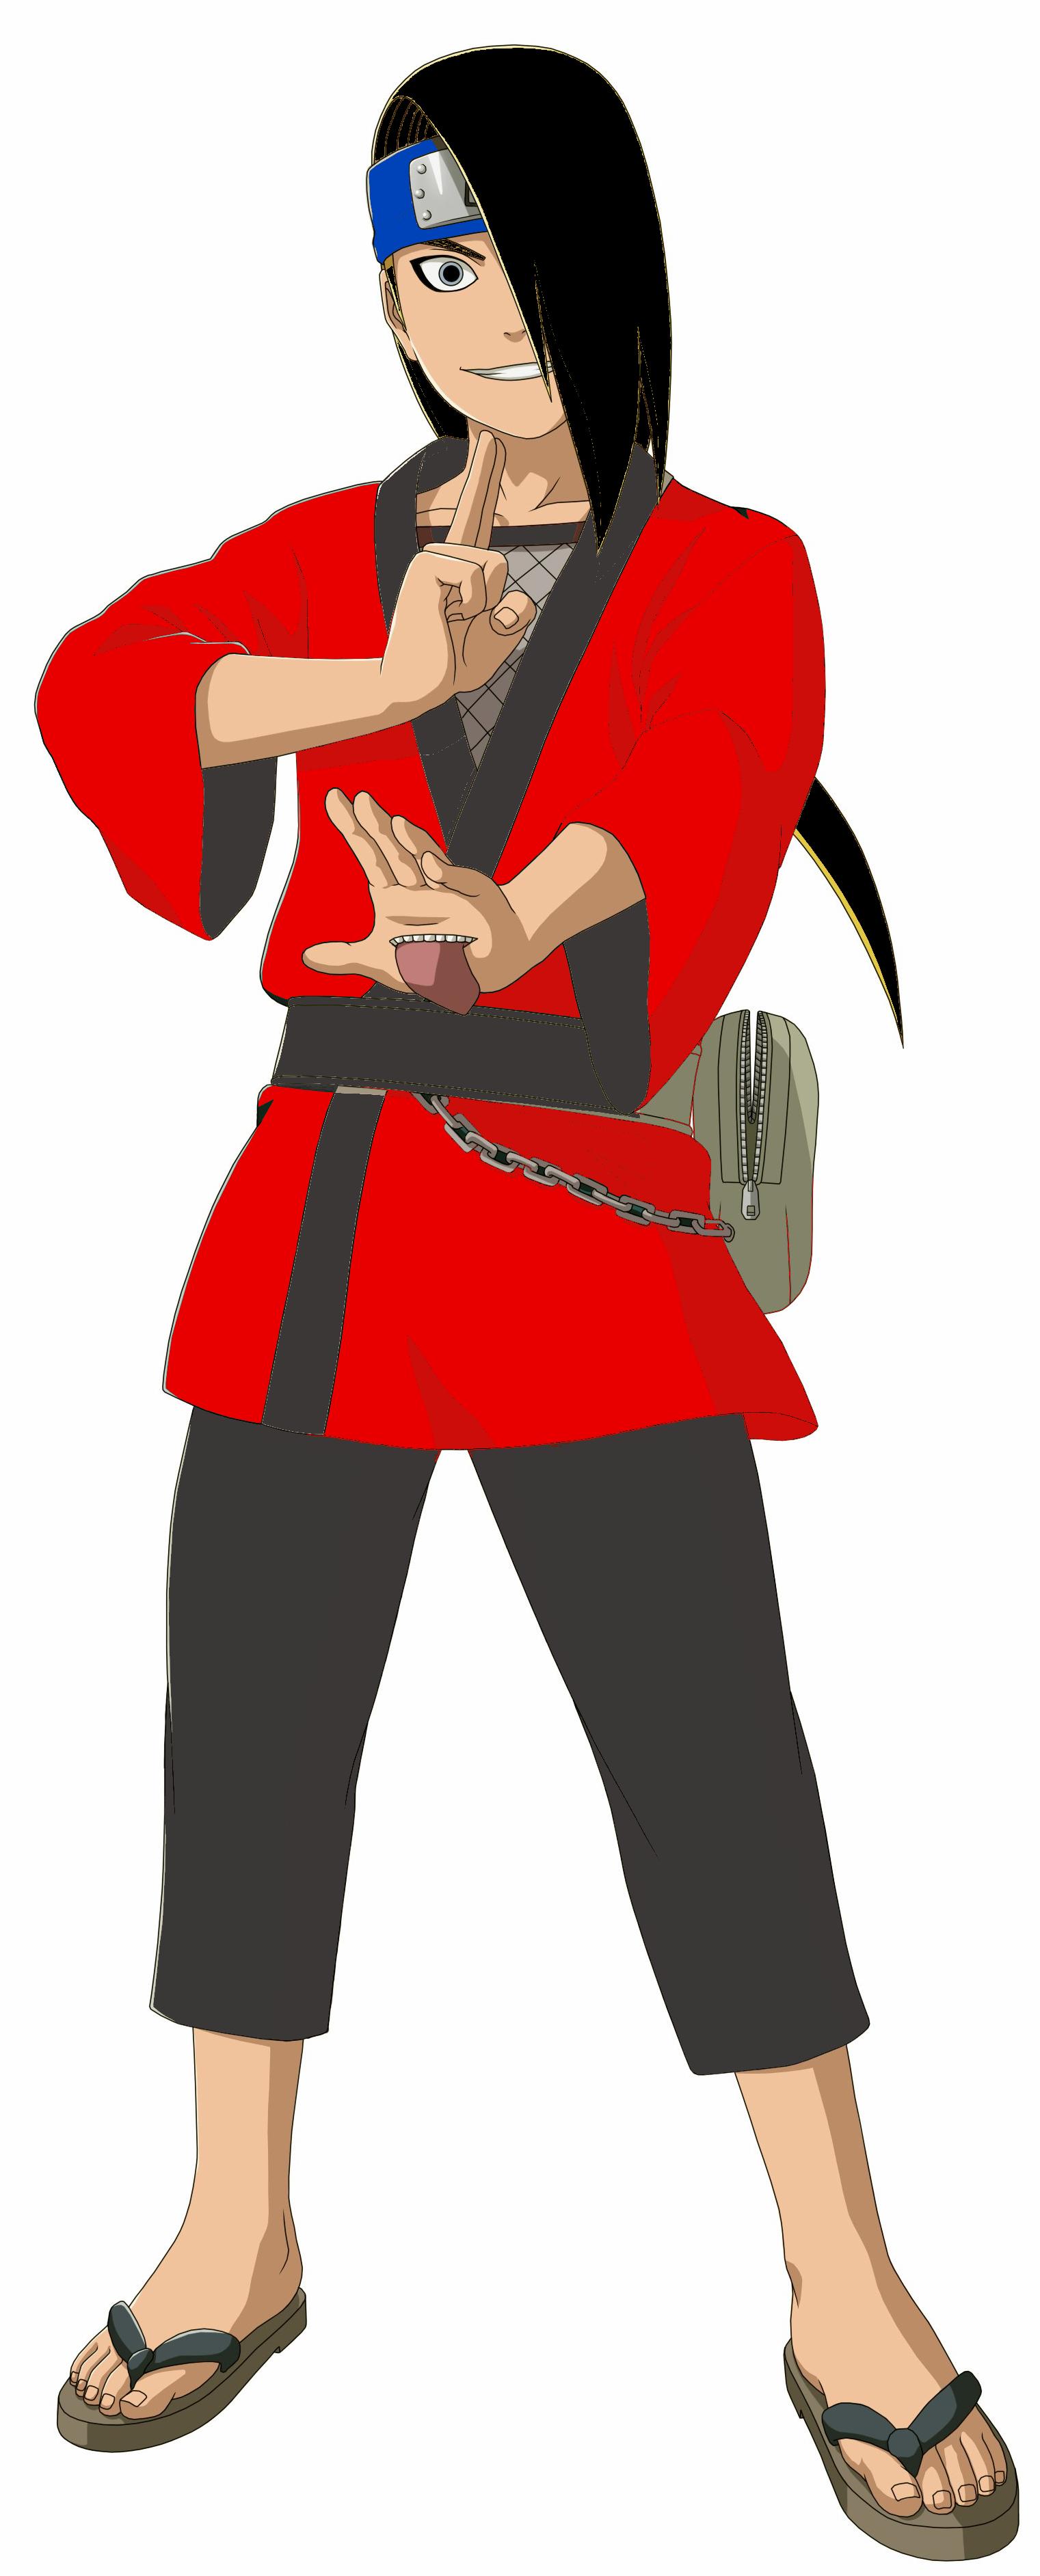 Yoku naruto akkipuden wiki fandom powered by wikia - Naruto akkipuden ...